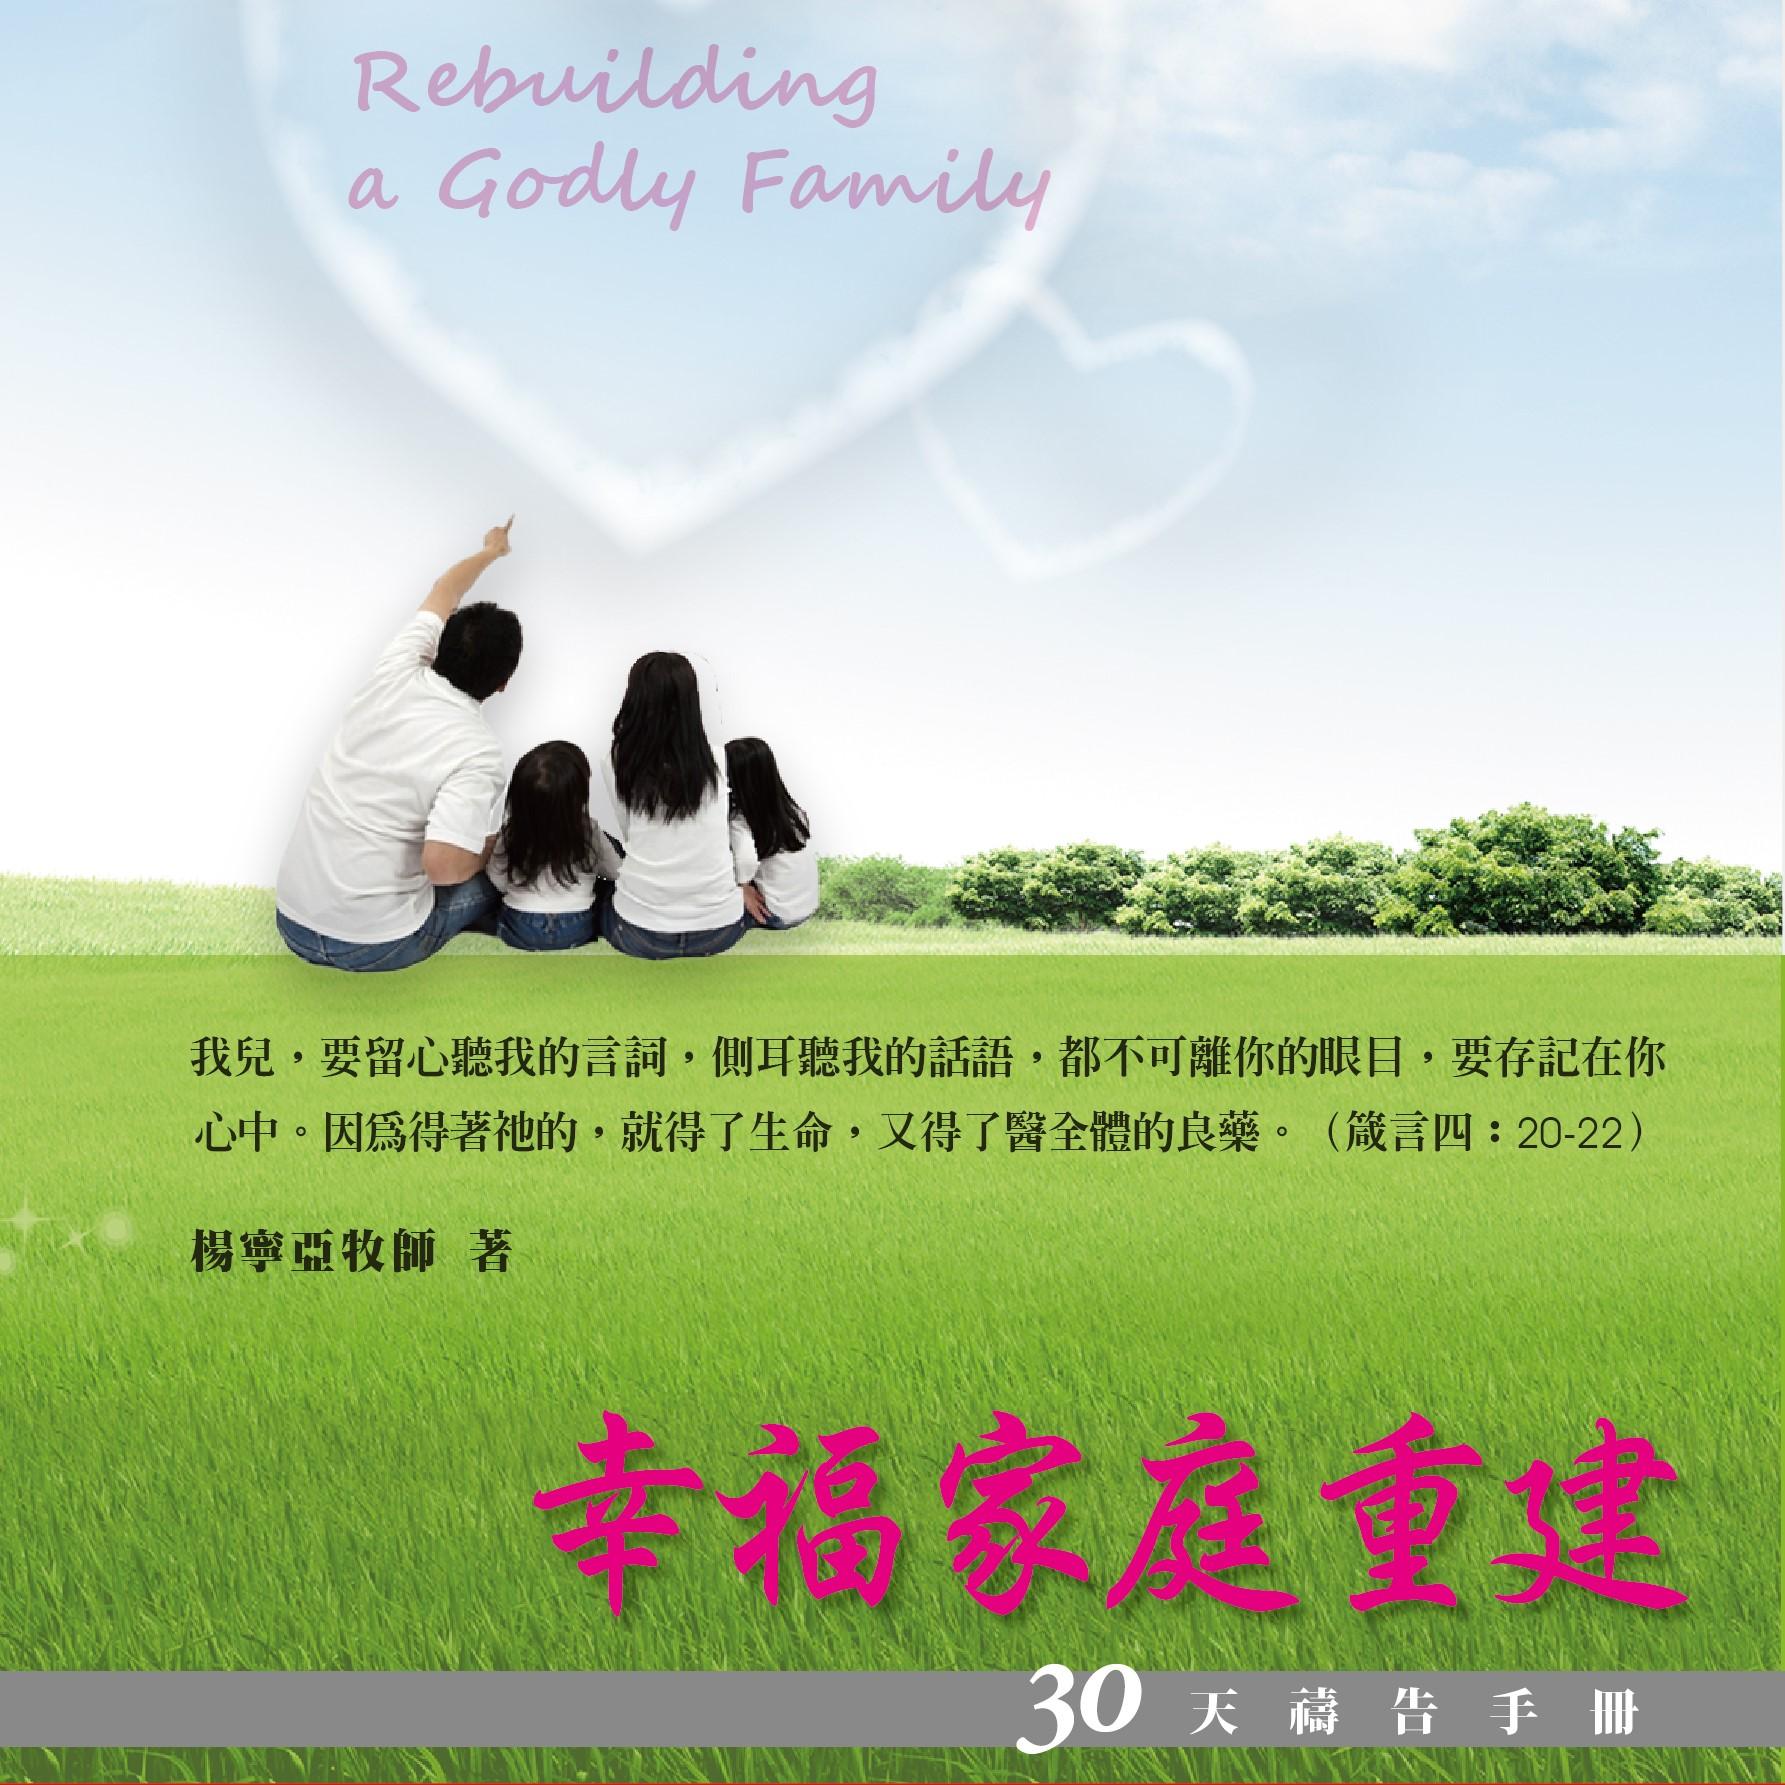 3.幸福家庭重建-第5天-3.Rebuilding a Godly Family-Day5 接納家人